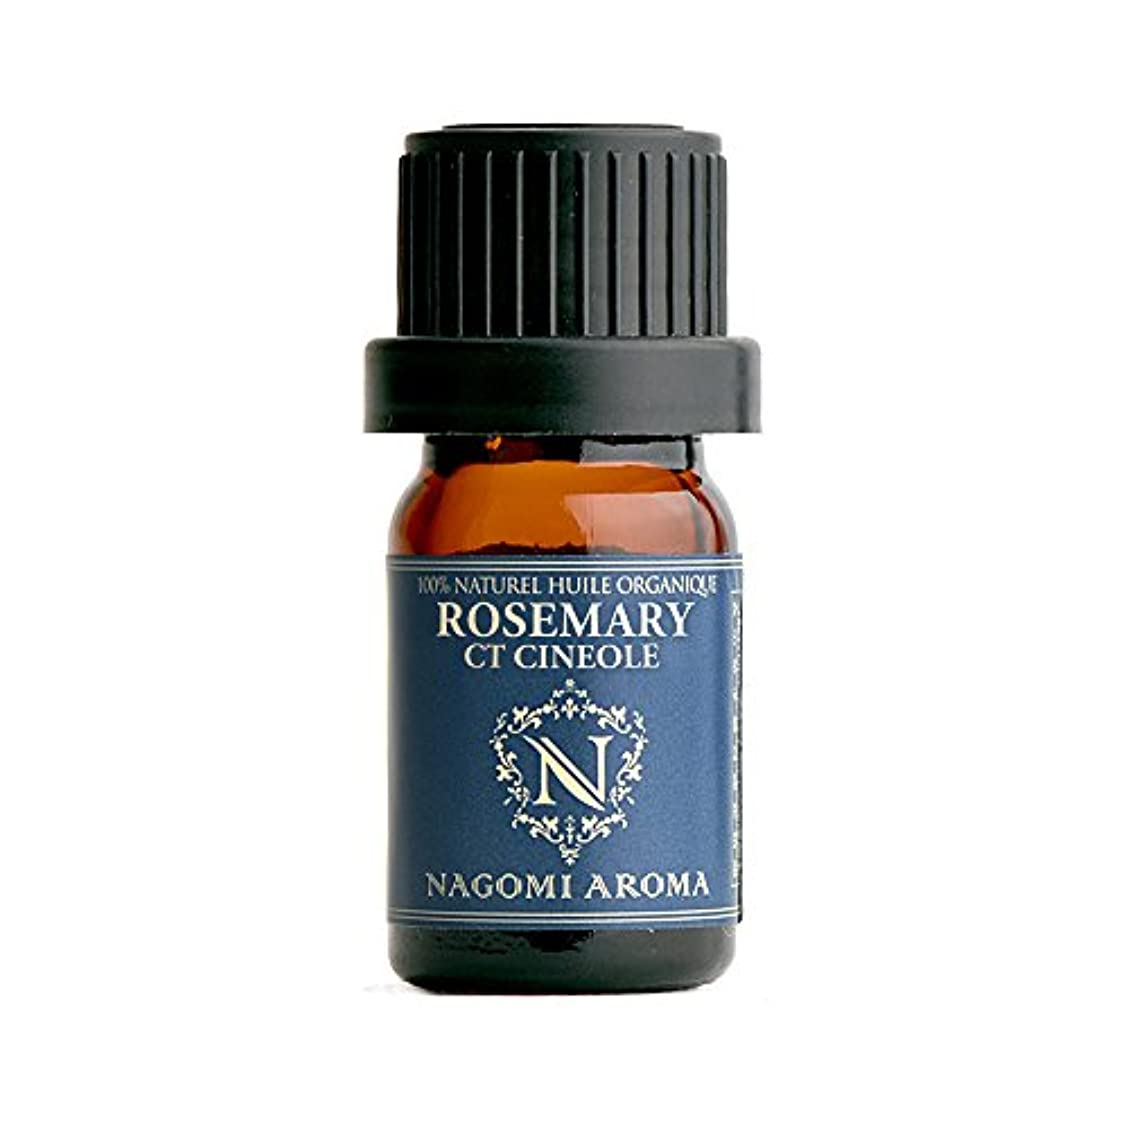 退化する吸う密接にNAGOMI AROMA オーガニック ローズマリーctシネオール 5ml 【AEAJ認定精油】【アロマオイル】